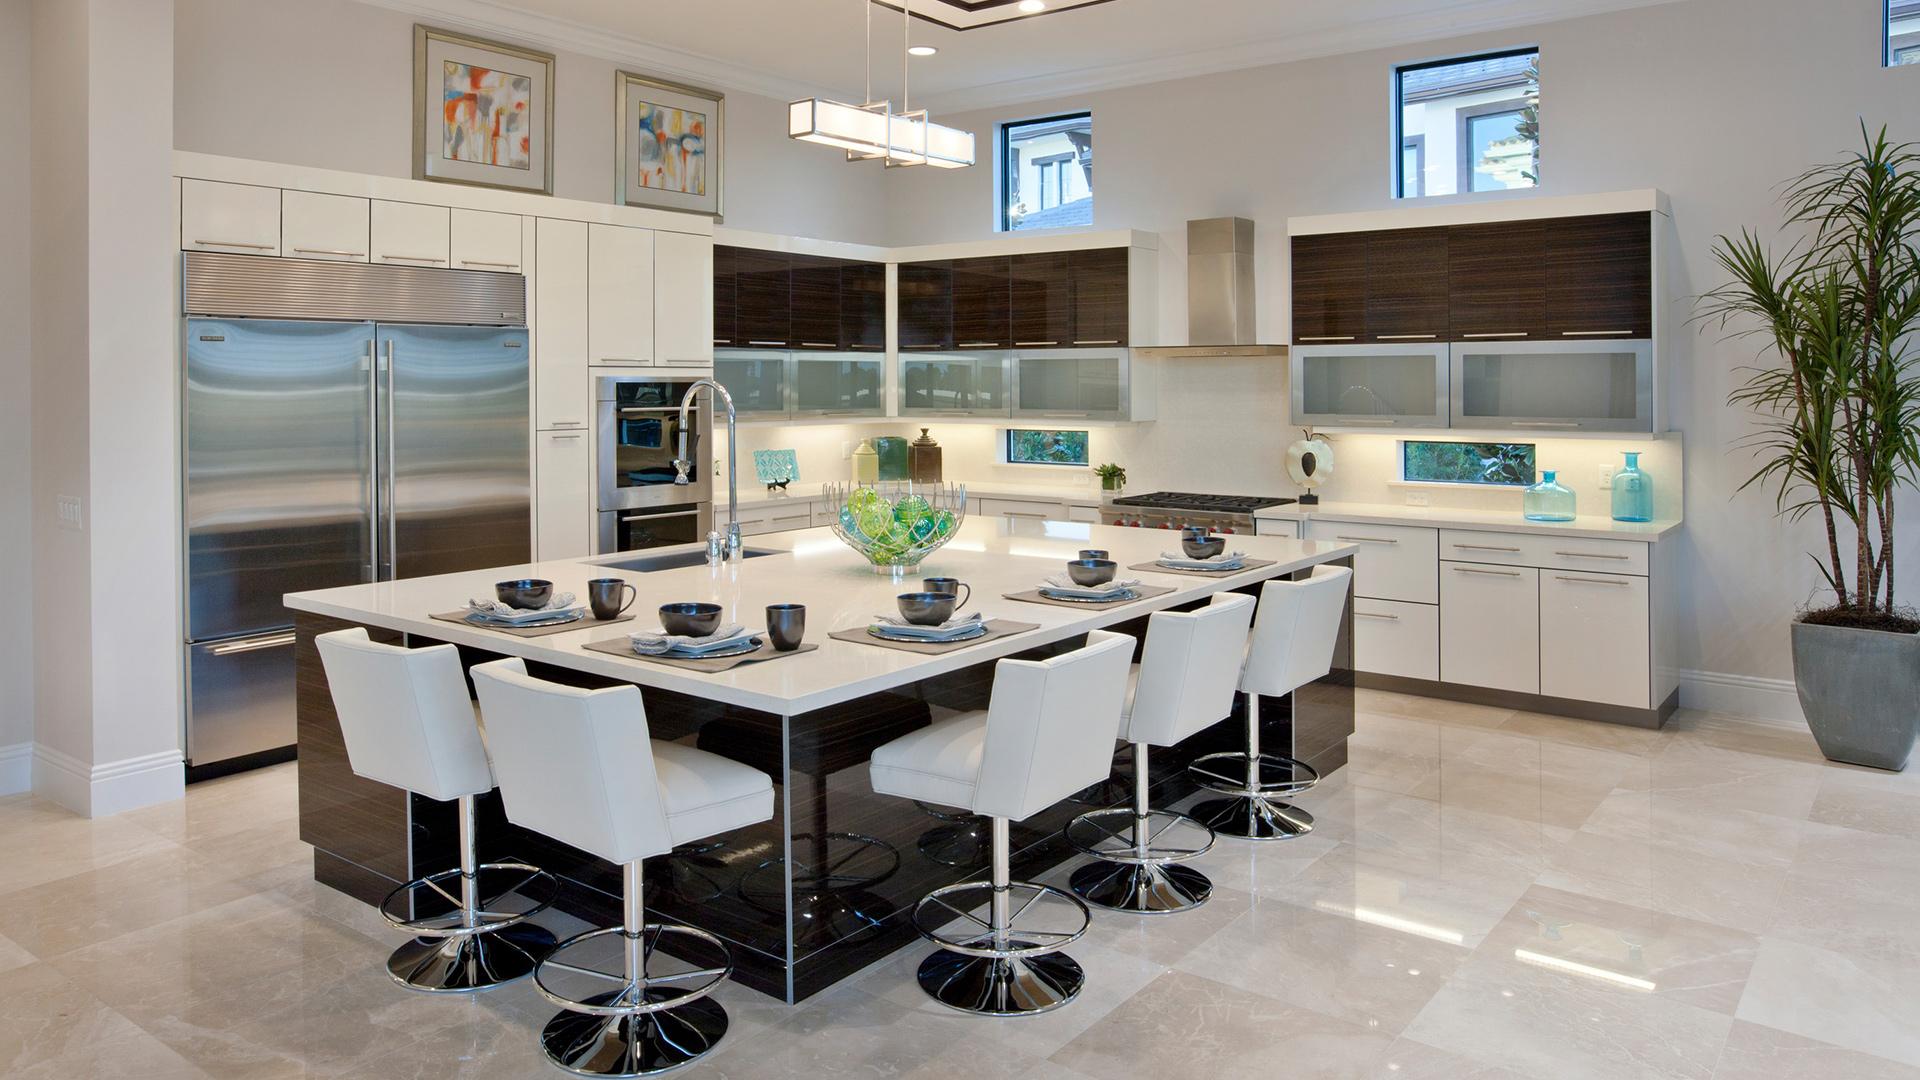 Villa Lago kitchen